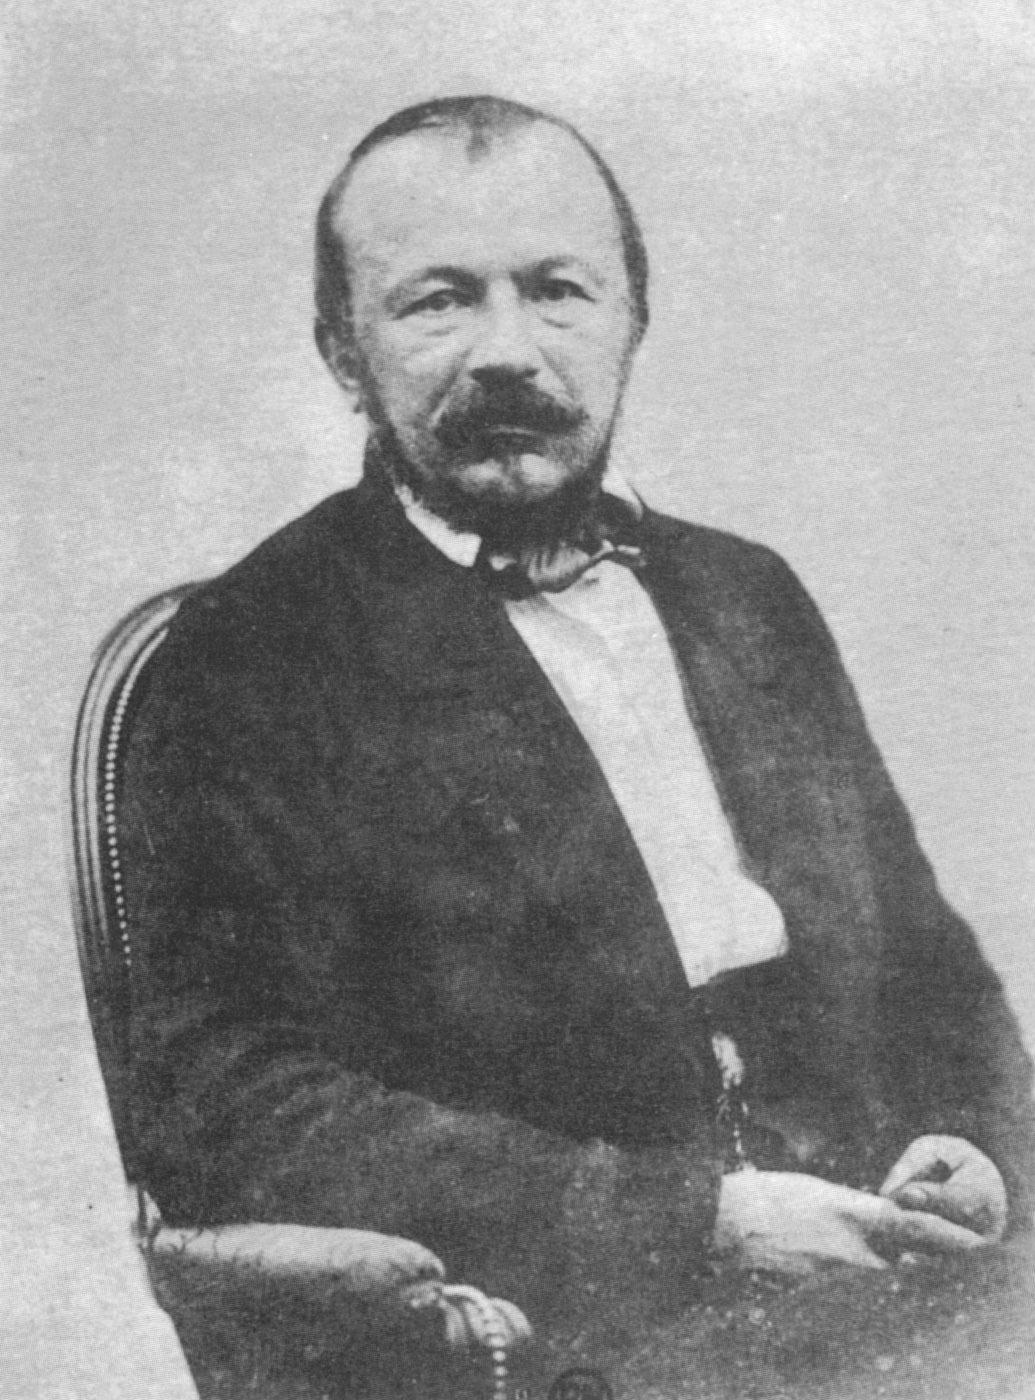 [Gérard+de+Nerval]